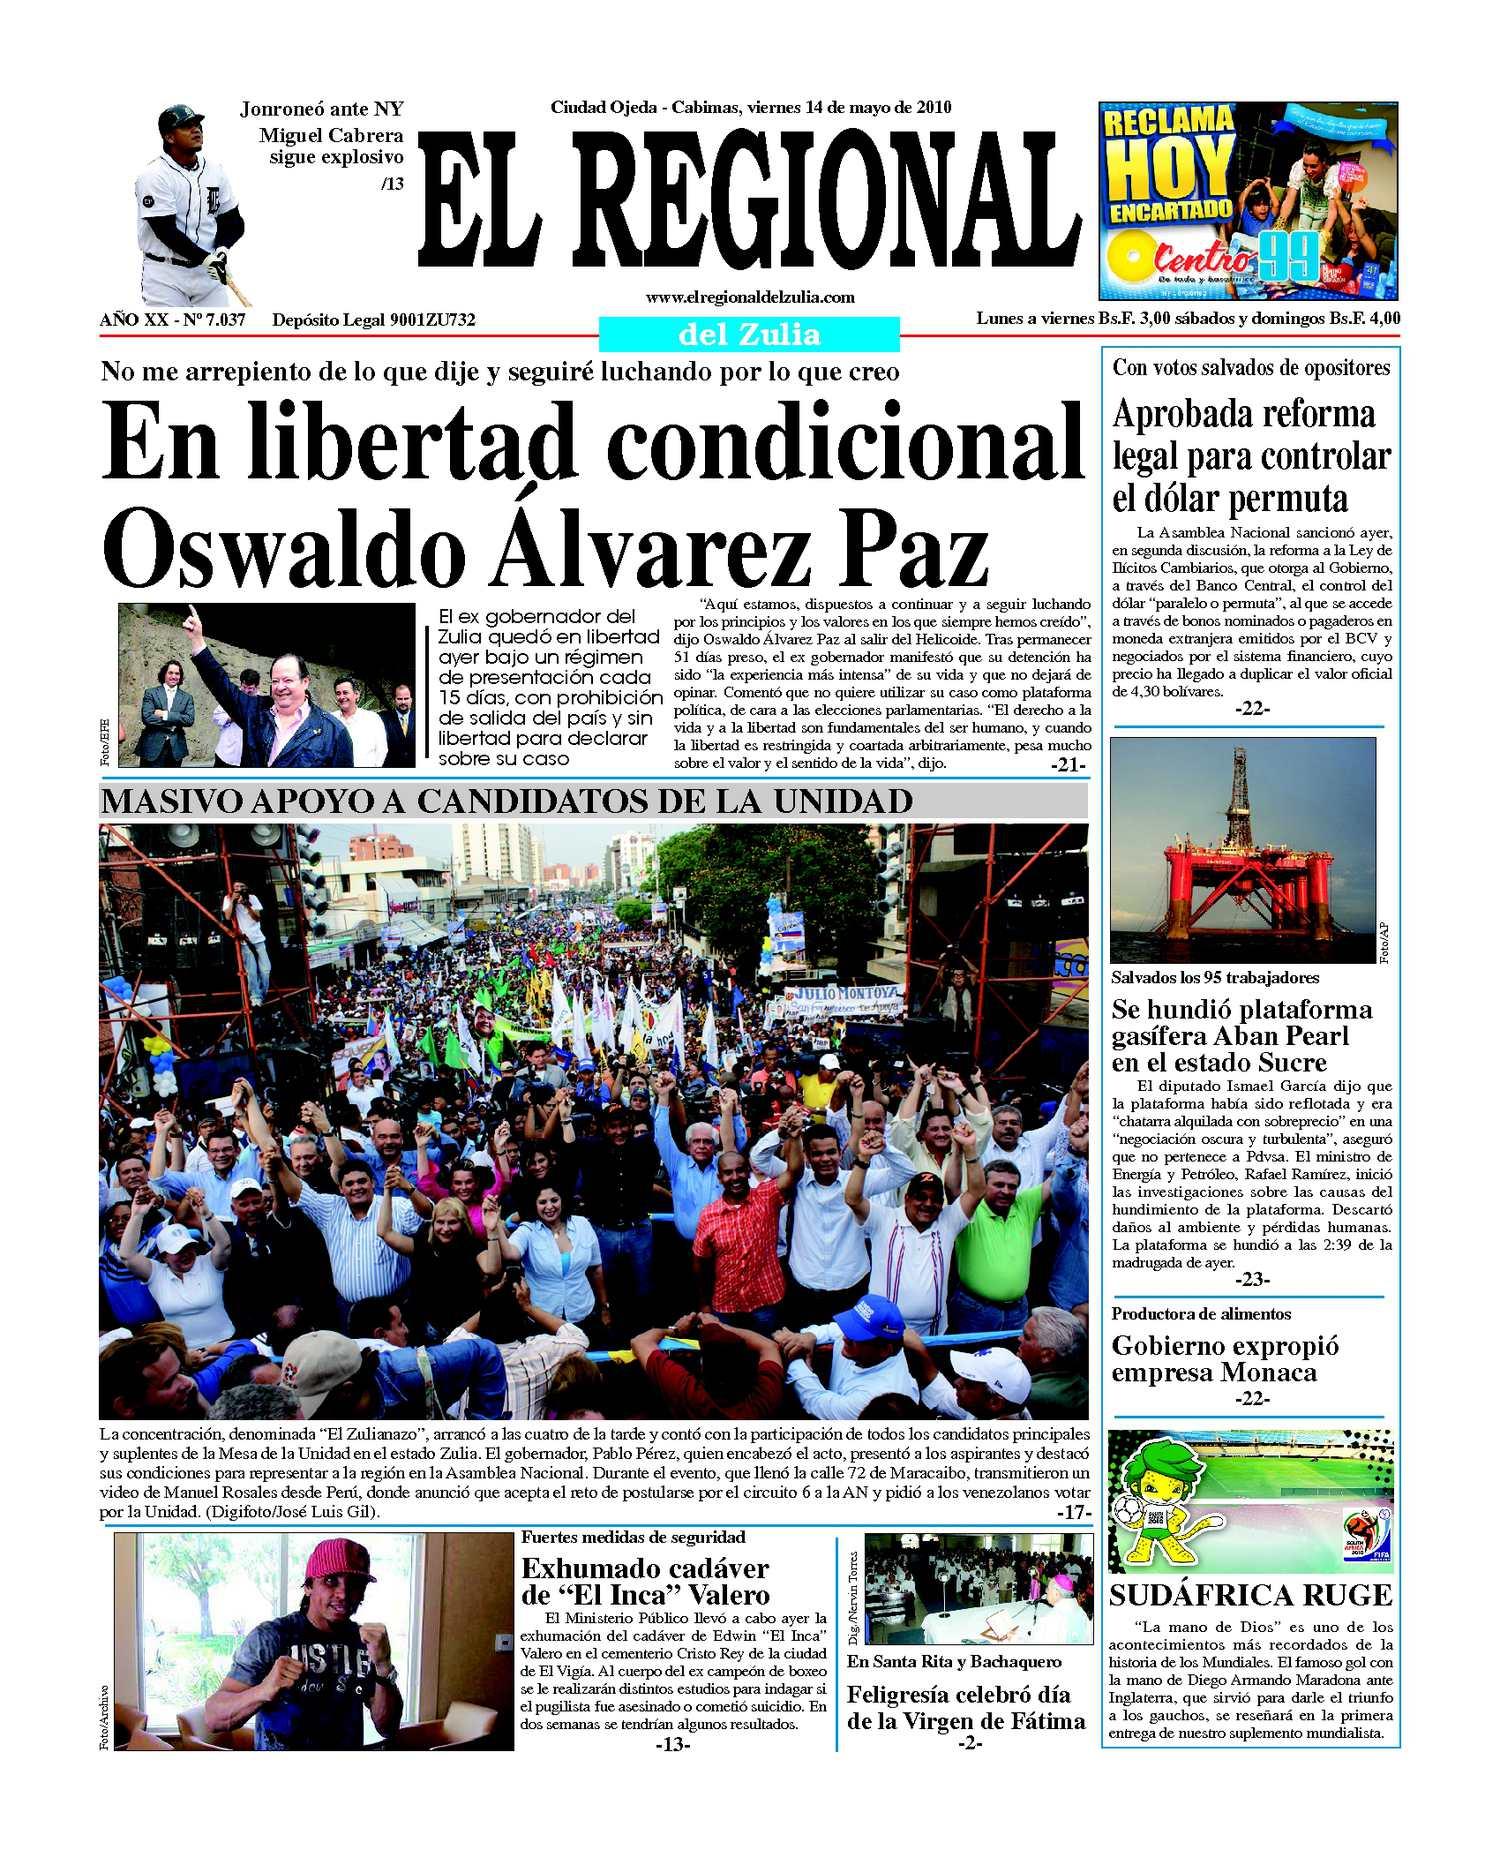 El Regional del Zulia 14-05-2010